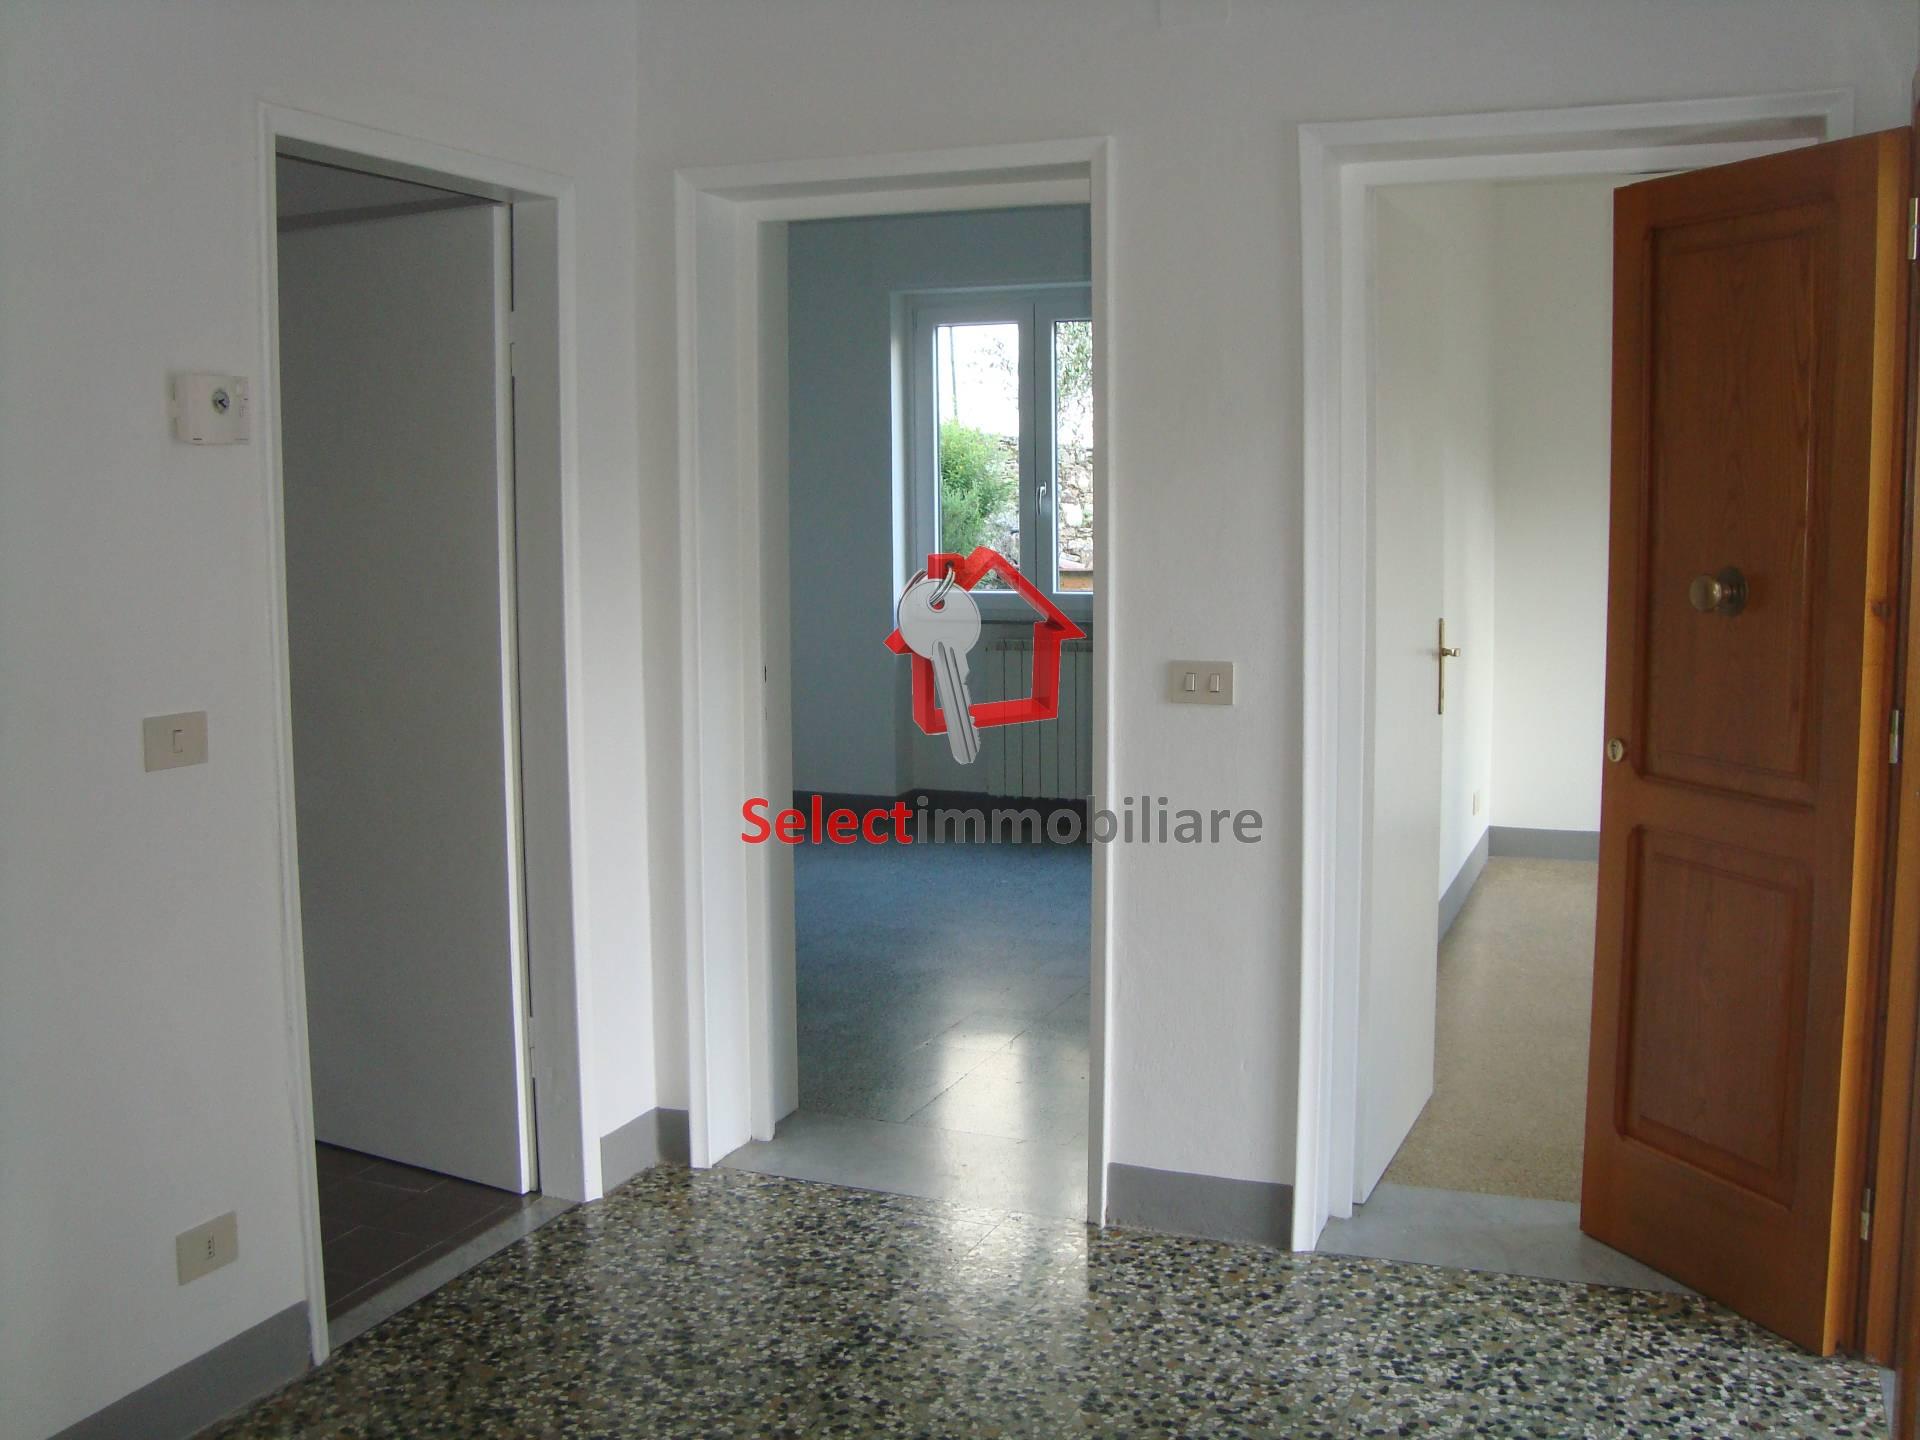 Appartamento in affitto a Borgo a Mozzano, 4 locali, zona Zona: Domazzano, prezzo € 500 | CambioCasa.it